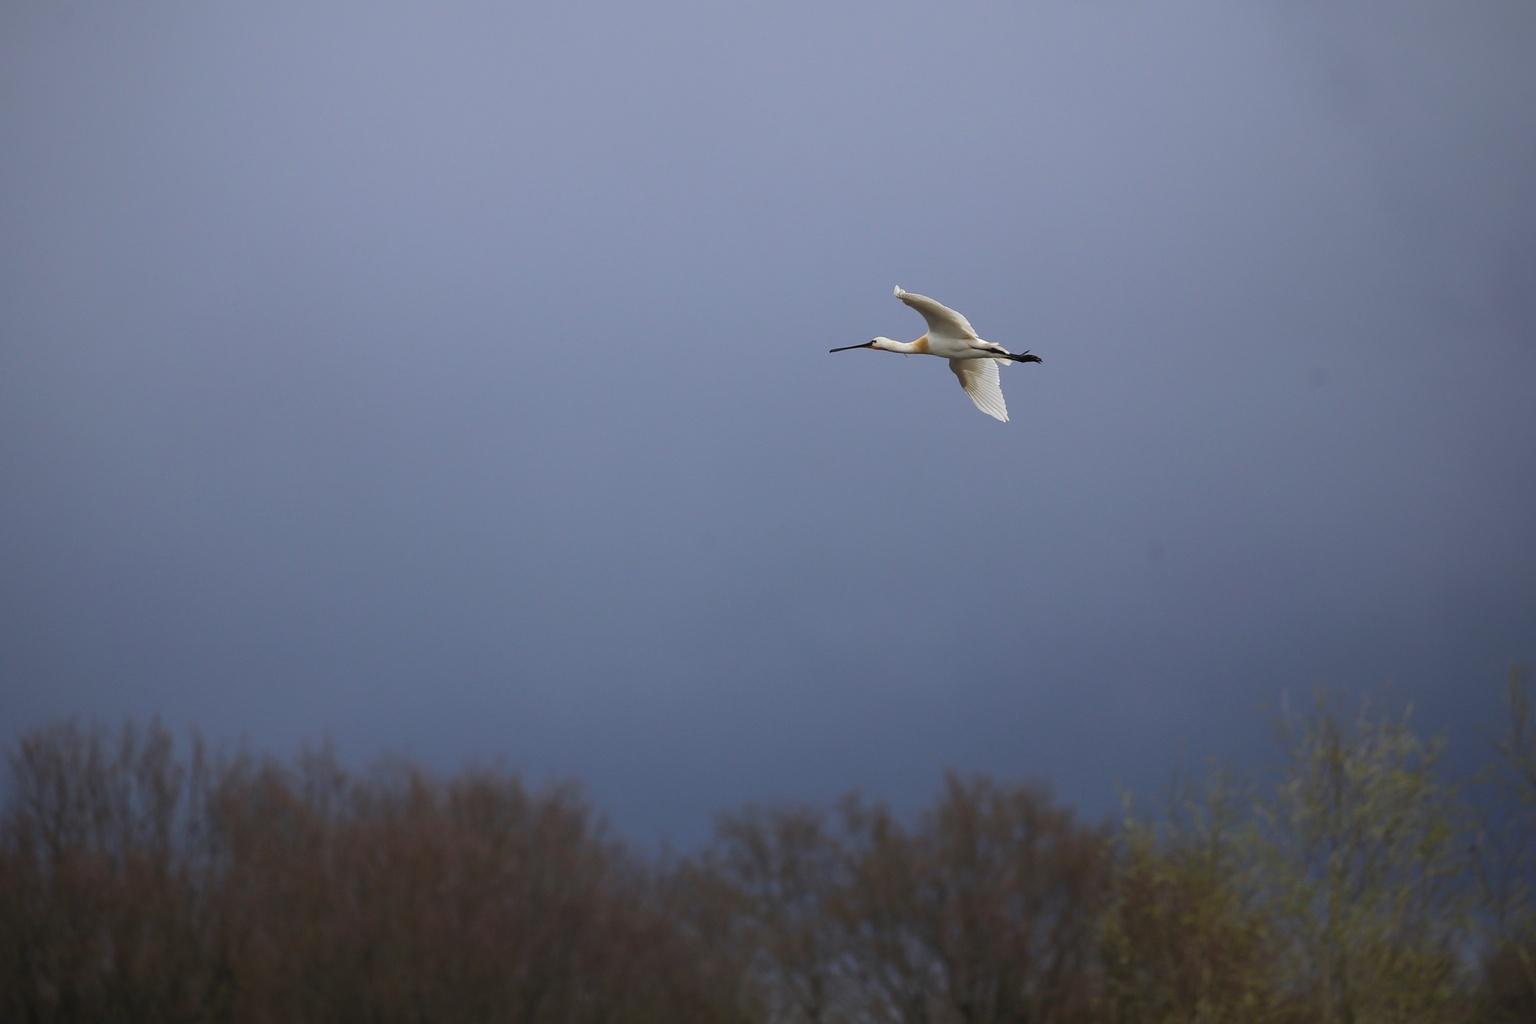 Lepelaar  - In vlucht tegen een donkere lucht - foto door Ebben op 11-04-2021 - deze foto bevat: lucht, vogel, atmosfeer, bek, atmosferisch fenomeen, veer, vleugel, boom, zeevogel, grasland